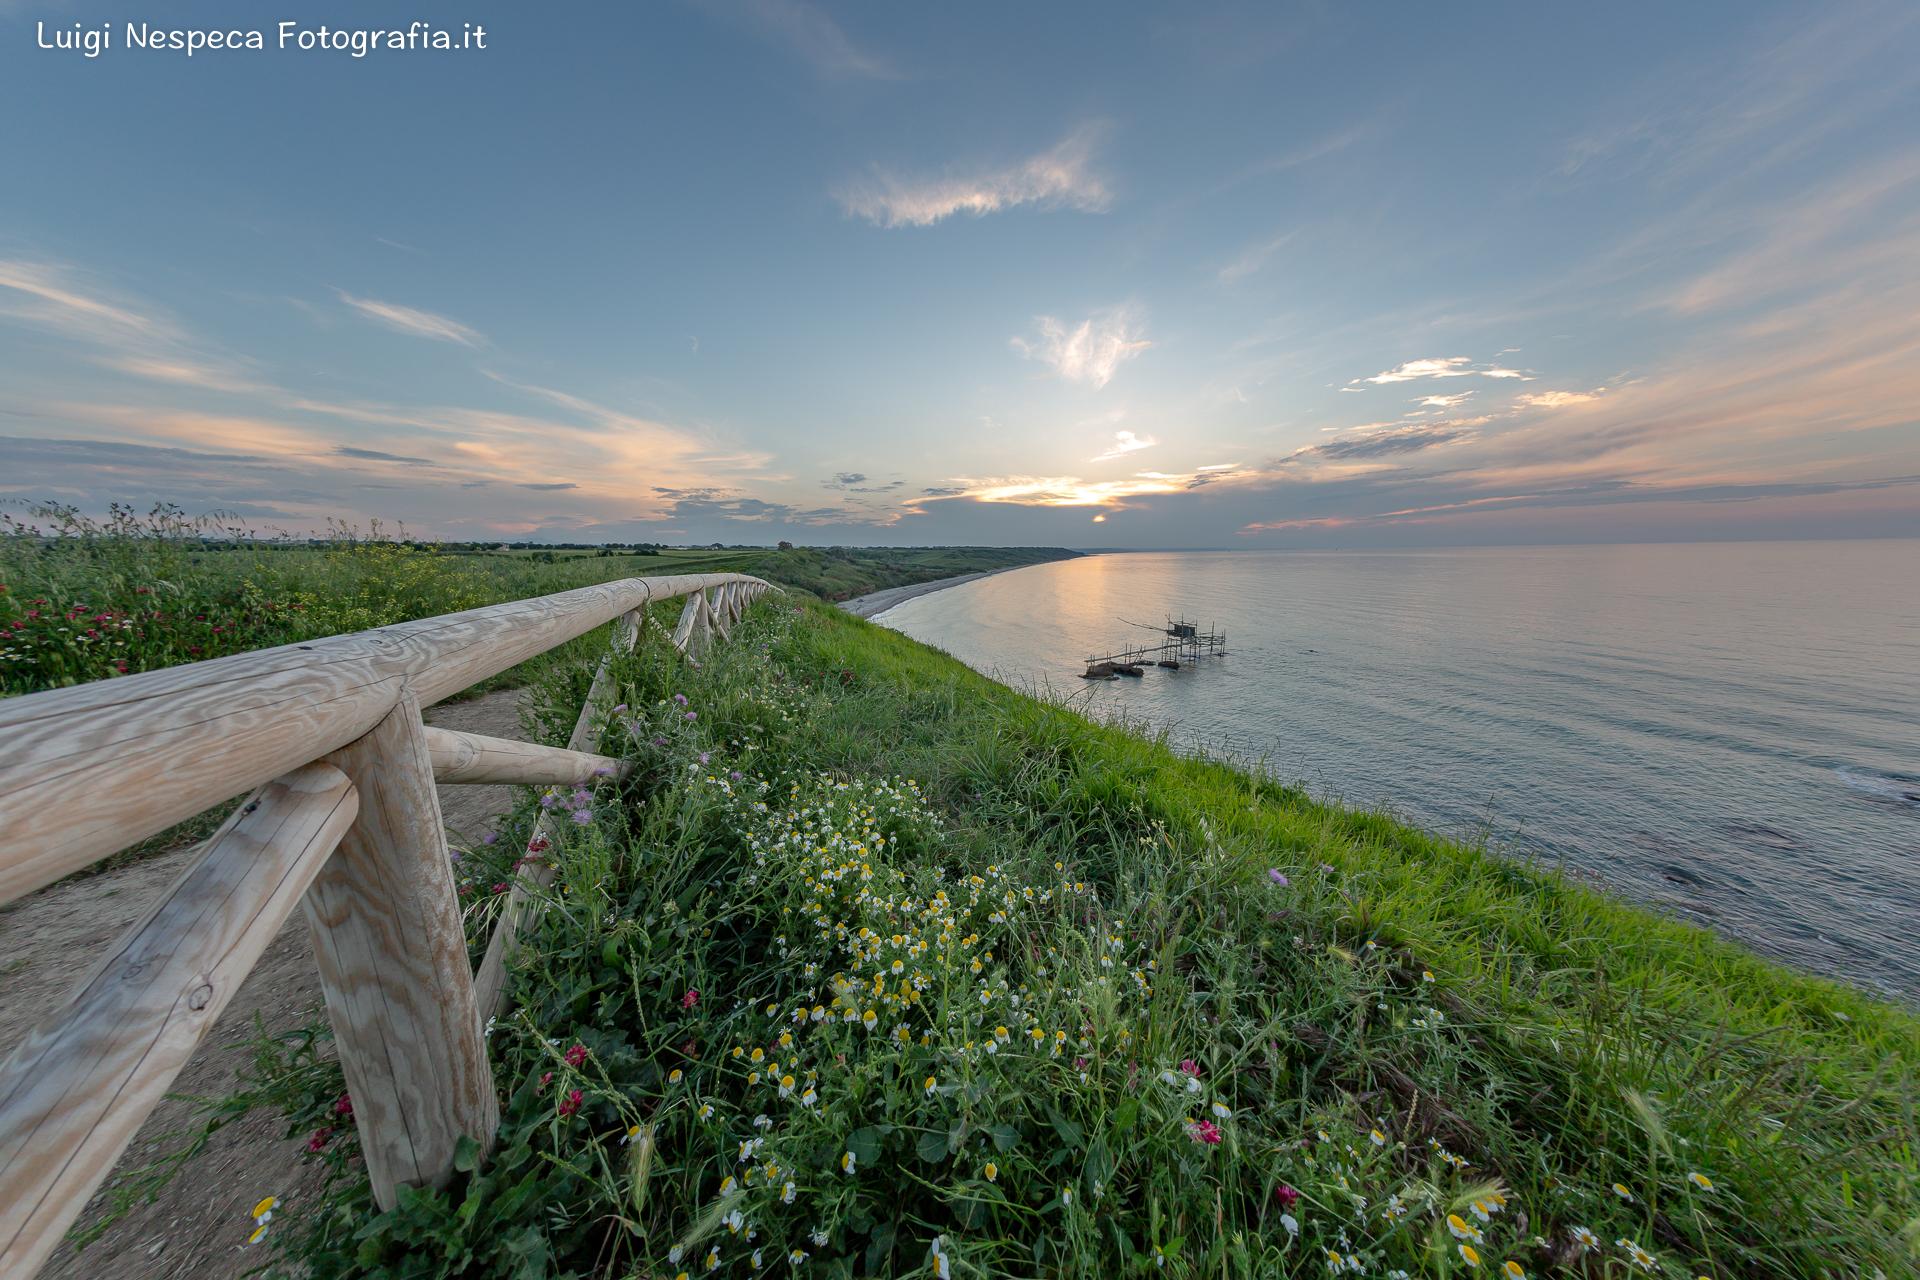 Costa dei Trabocchi - Riserva Regionale di Punta Aderci, Vasto (CH)